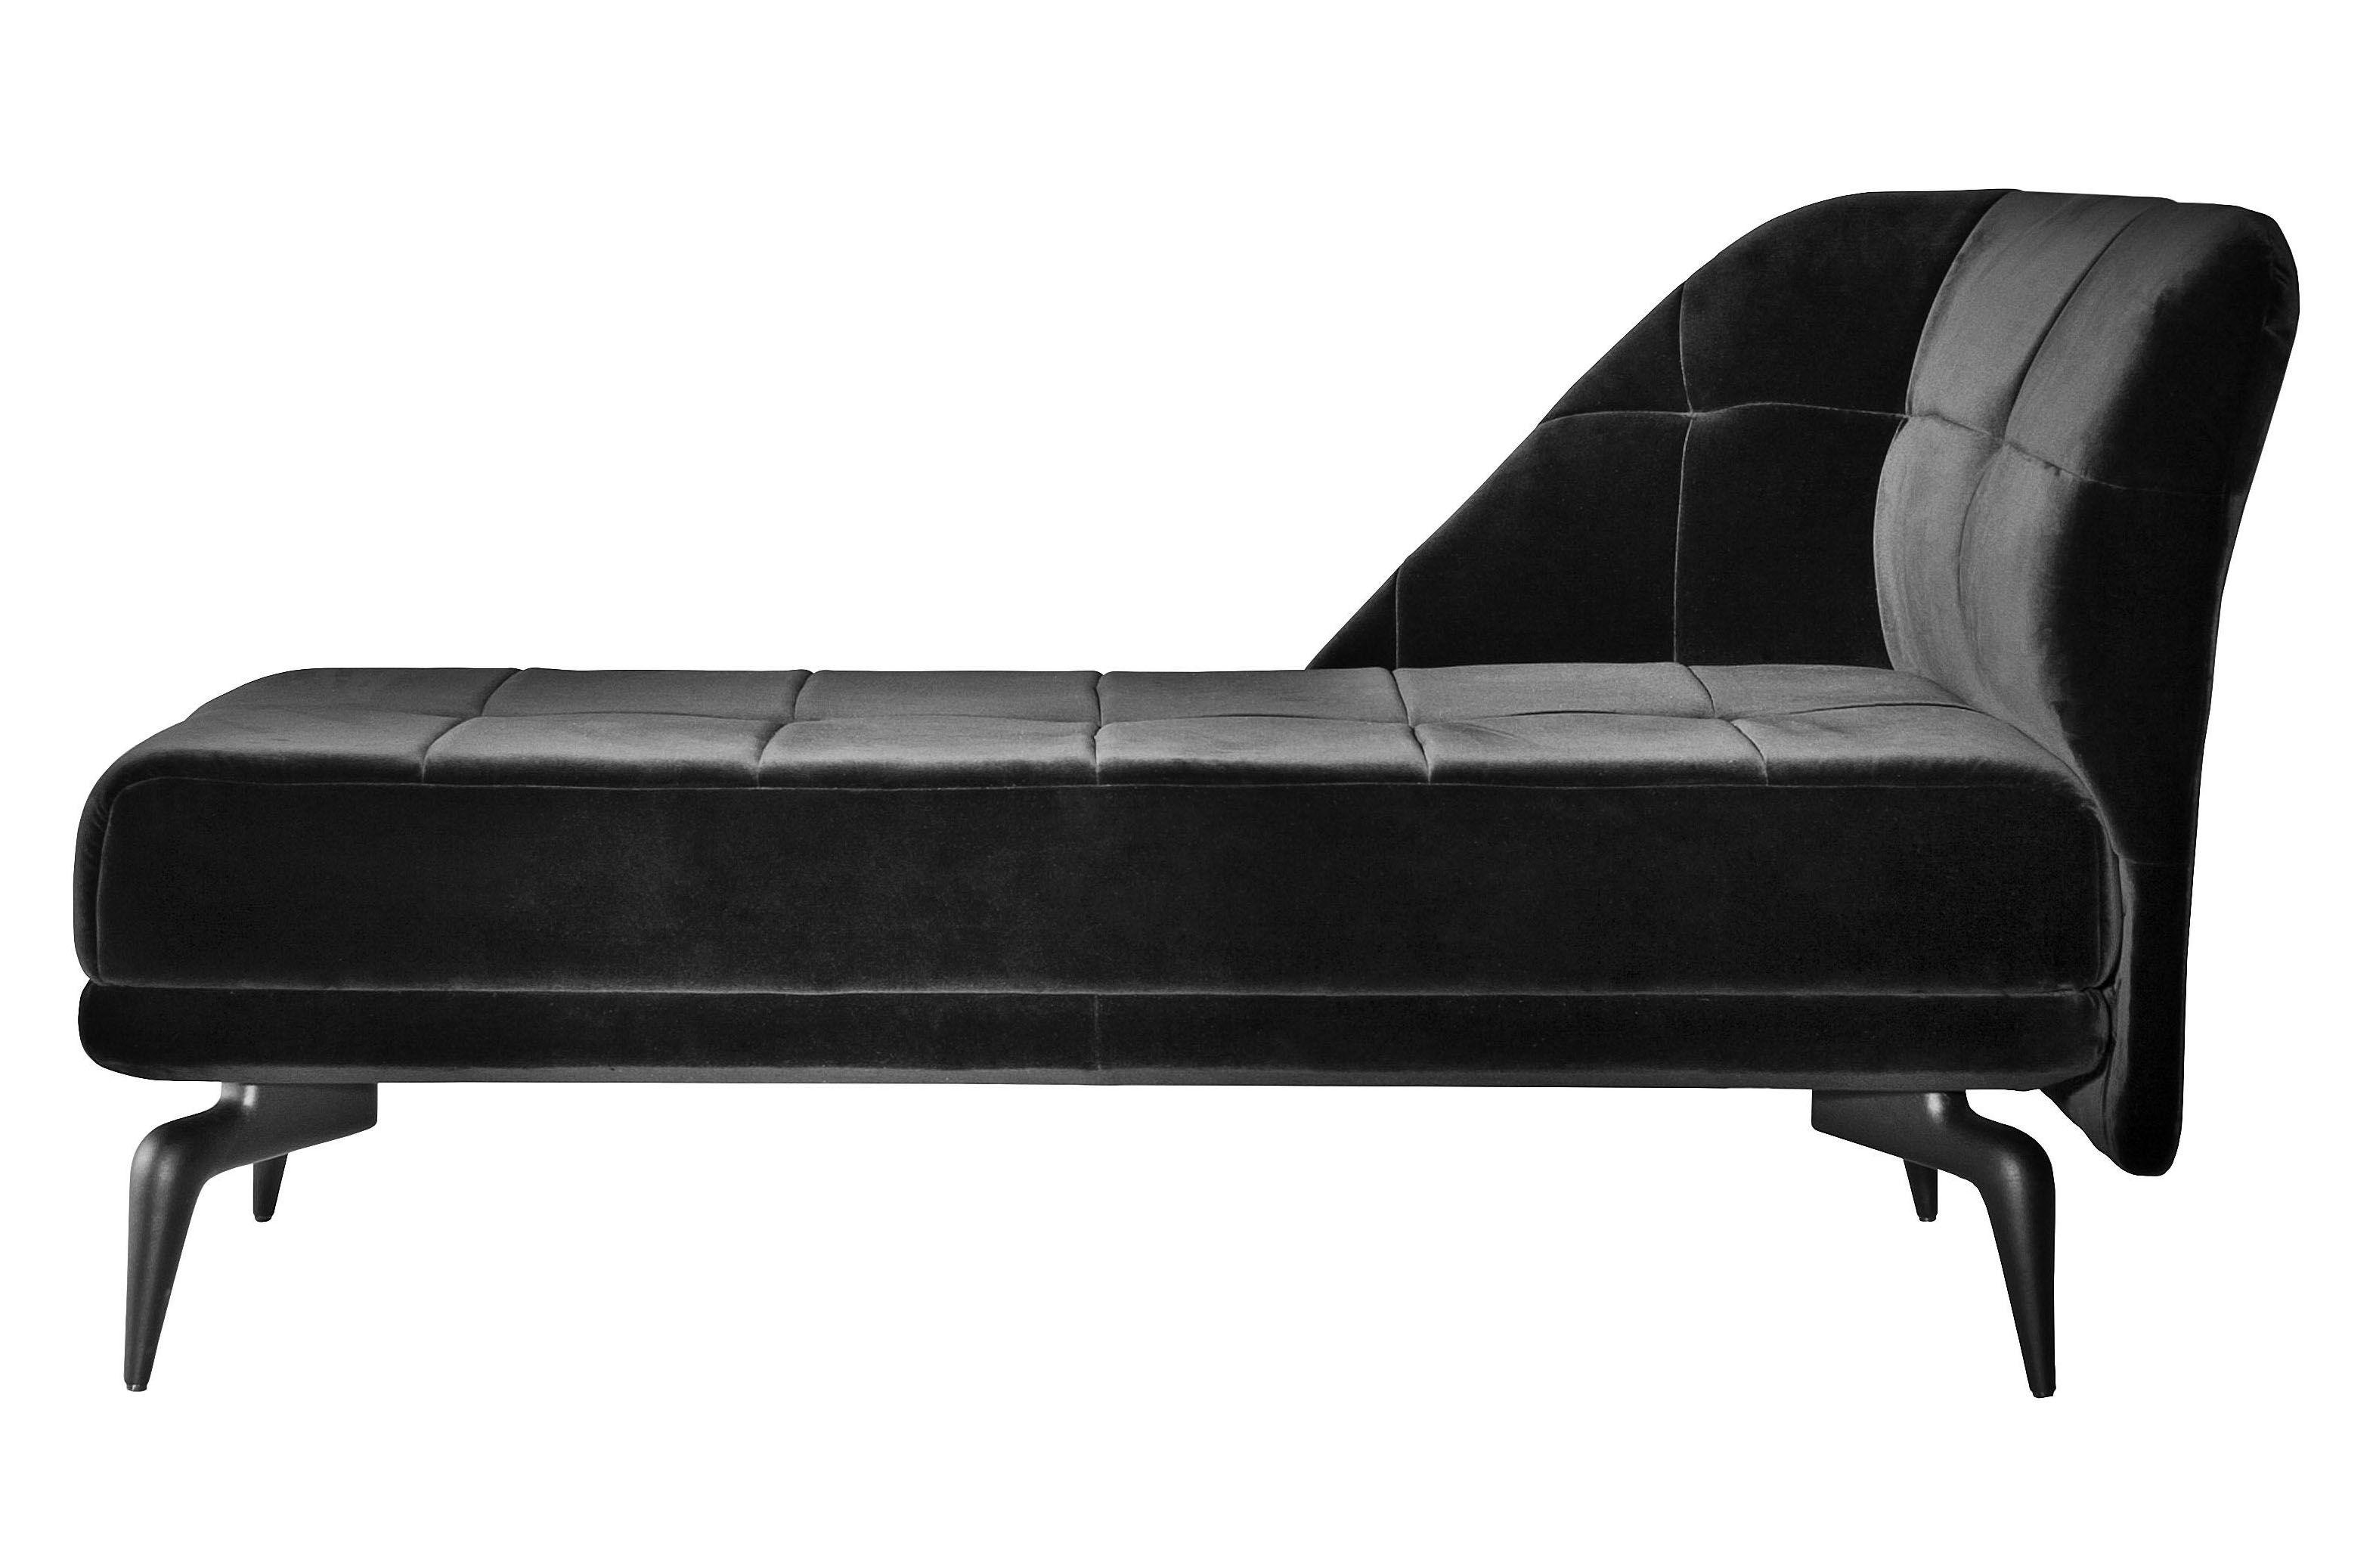 Mobilier - Canapés - Méridienne Leeon / accoudoir gauche - L 151 cm - Driade - Velours noir - Aluminium laqué, Velours